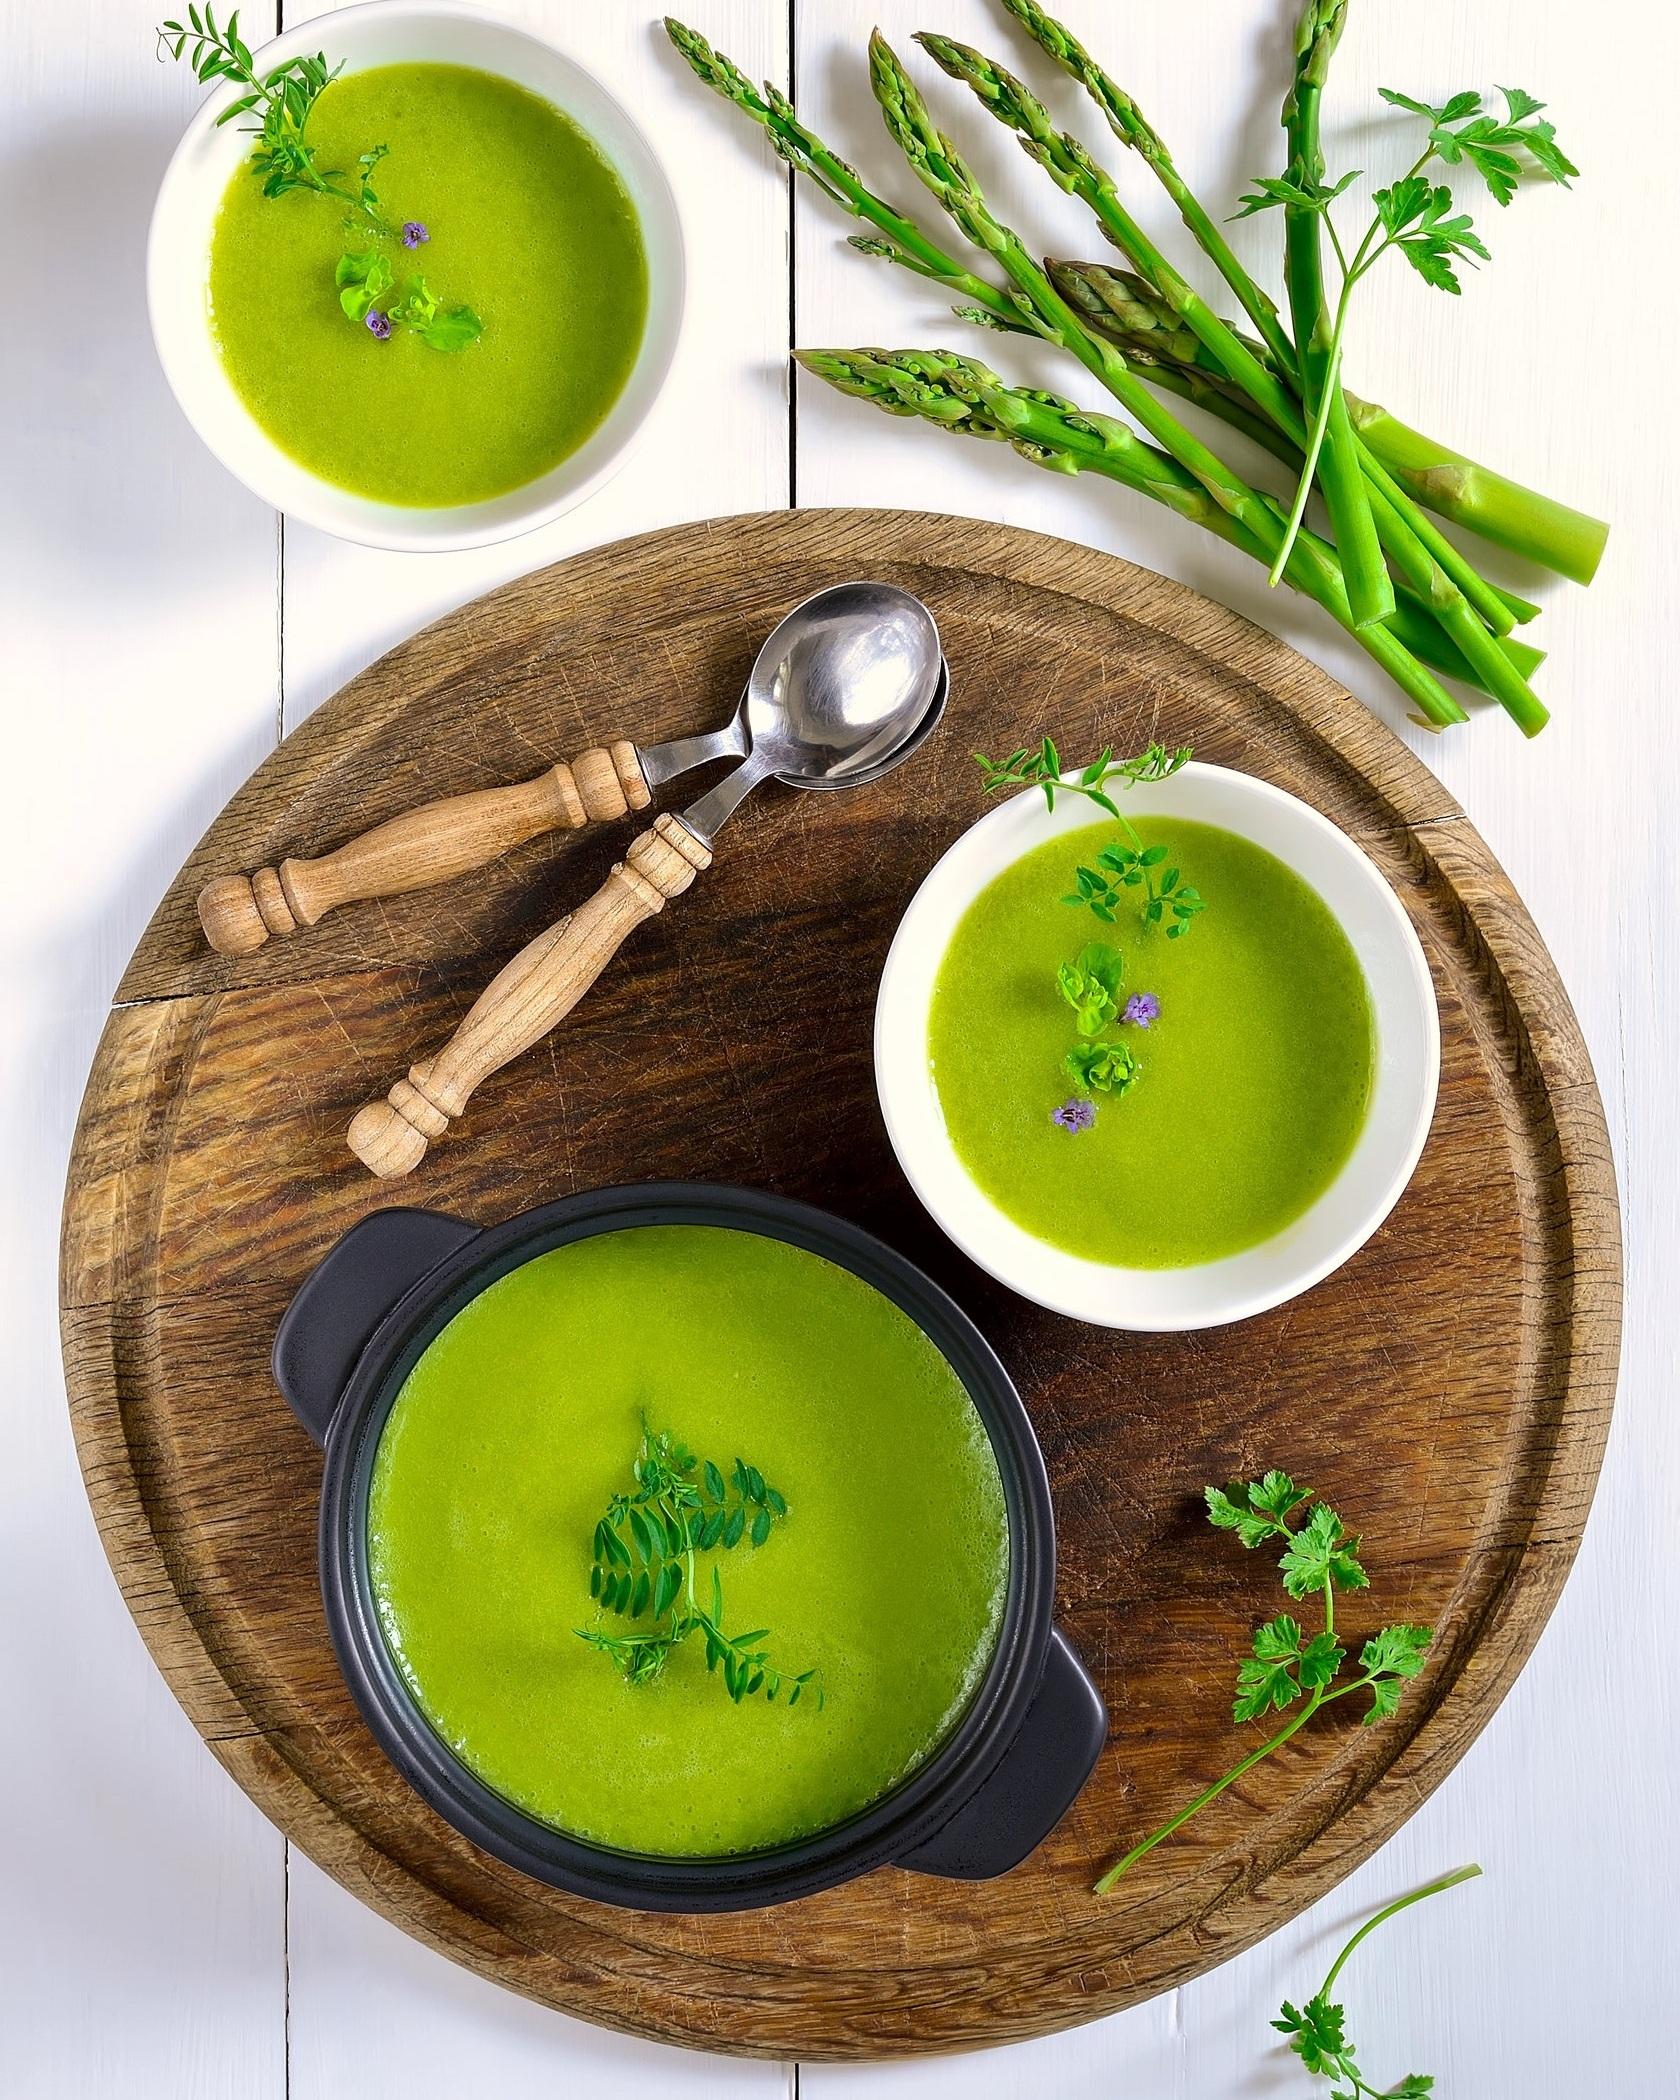 En soupe froide style gaspacho - L'envie de manger une bonne soupe chaude en entrée s'estompera bien vite avec les vagues de chaleur qui plomberont prochainement sur le Québec. Ma solution pour ceux qui veulent trouver une alternative à la salade verte en entrée cet été : la soupe froide asperge et menthe. À déguster avec un morceau de pain et des petites bulles sur le patio. La différence entre une soupe froide et un gaspacho est tout simplement la cuisson. On peut préparer facilement un gaspacho avec des concombres, des tomates ou des avocats, mais l'asperge nécessite une cuisson pour obtenir une texture plus lisse et homogène. Il faut donc préparer une soupe, puis la faire refroidir.